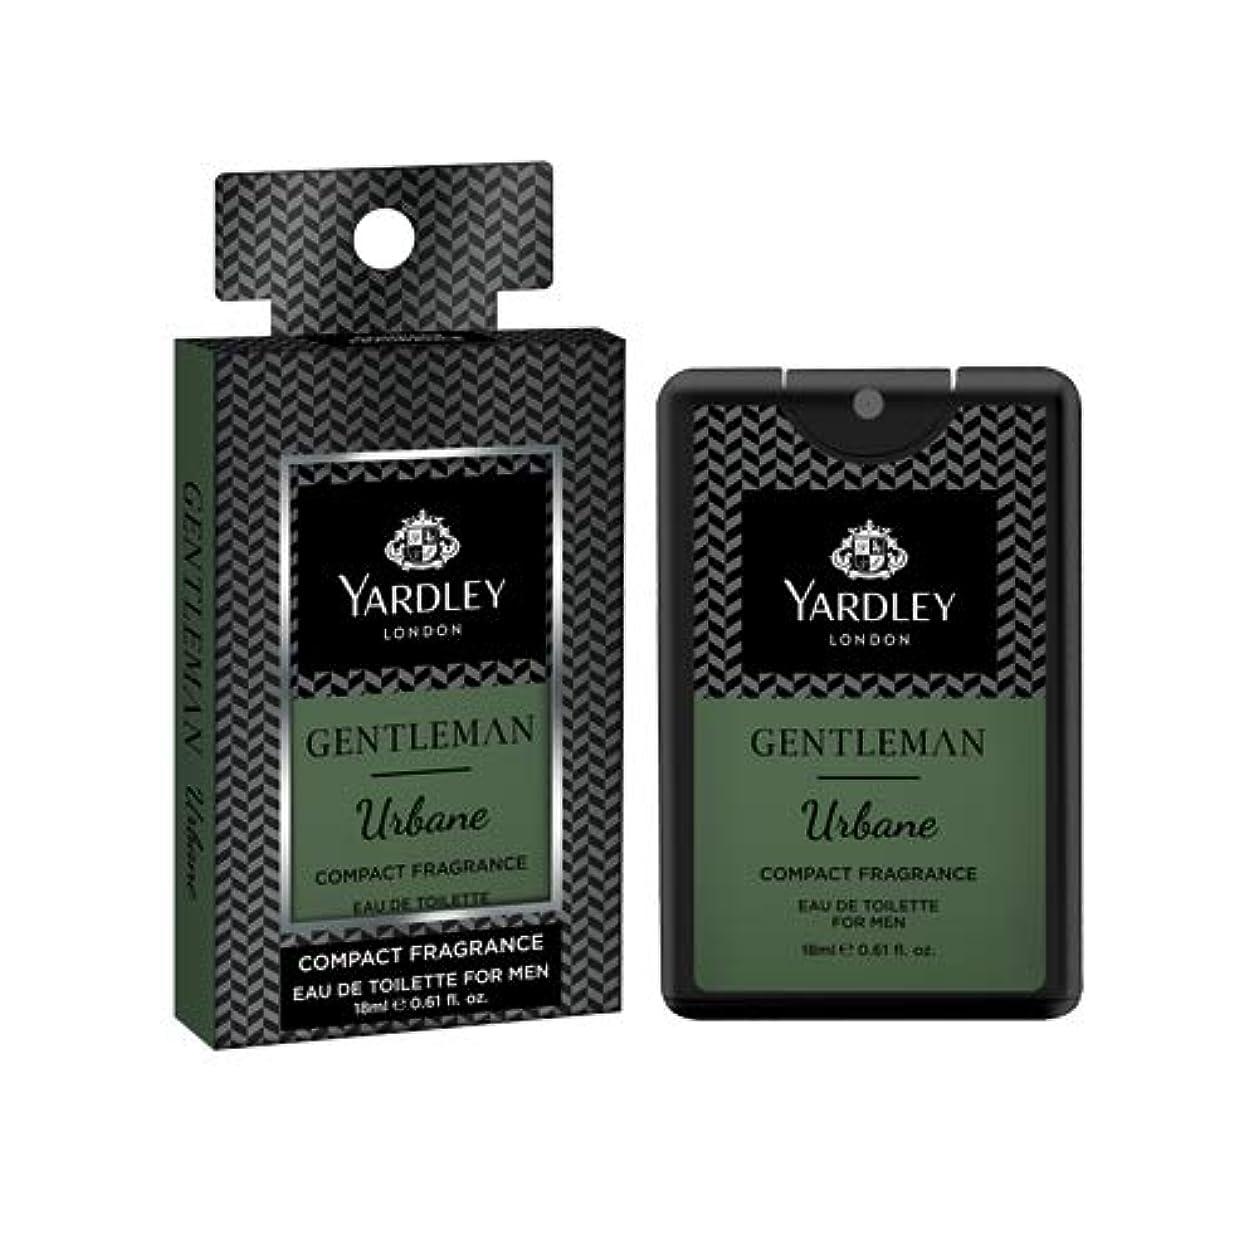 ペレットプレミアム地域のYardley Gentleman Urbane Compact Perfume 18 ml